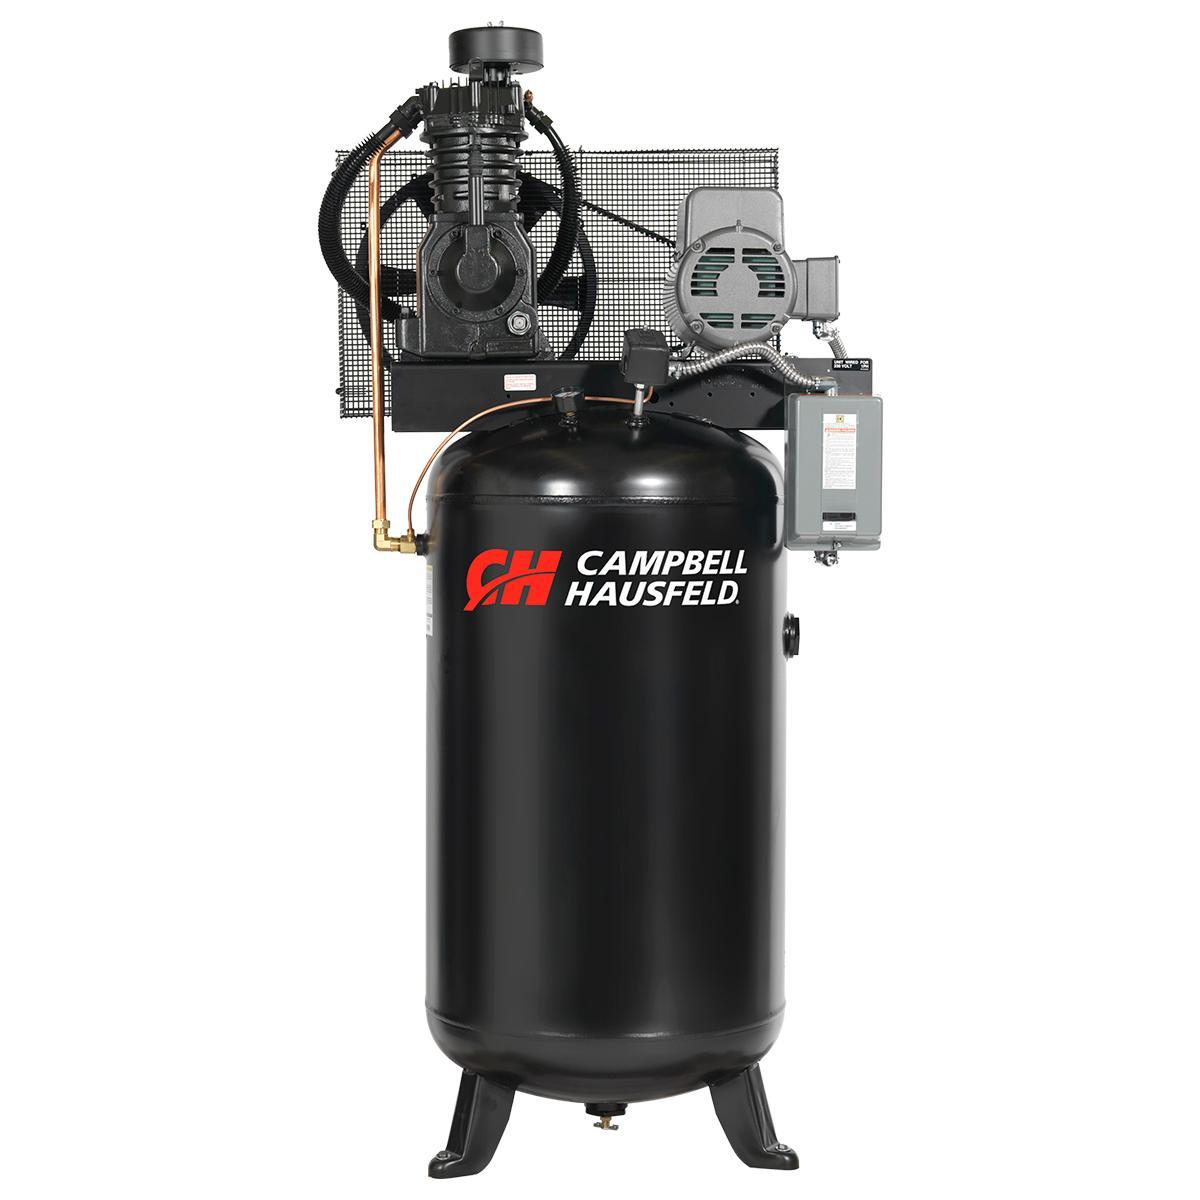 Amazon.com: Air Compressor, 80 Gallon Vertical Tank, Two